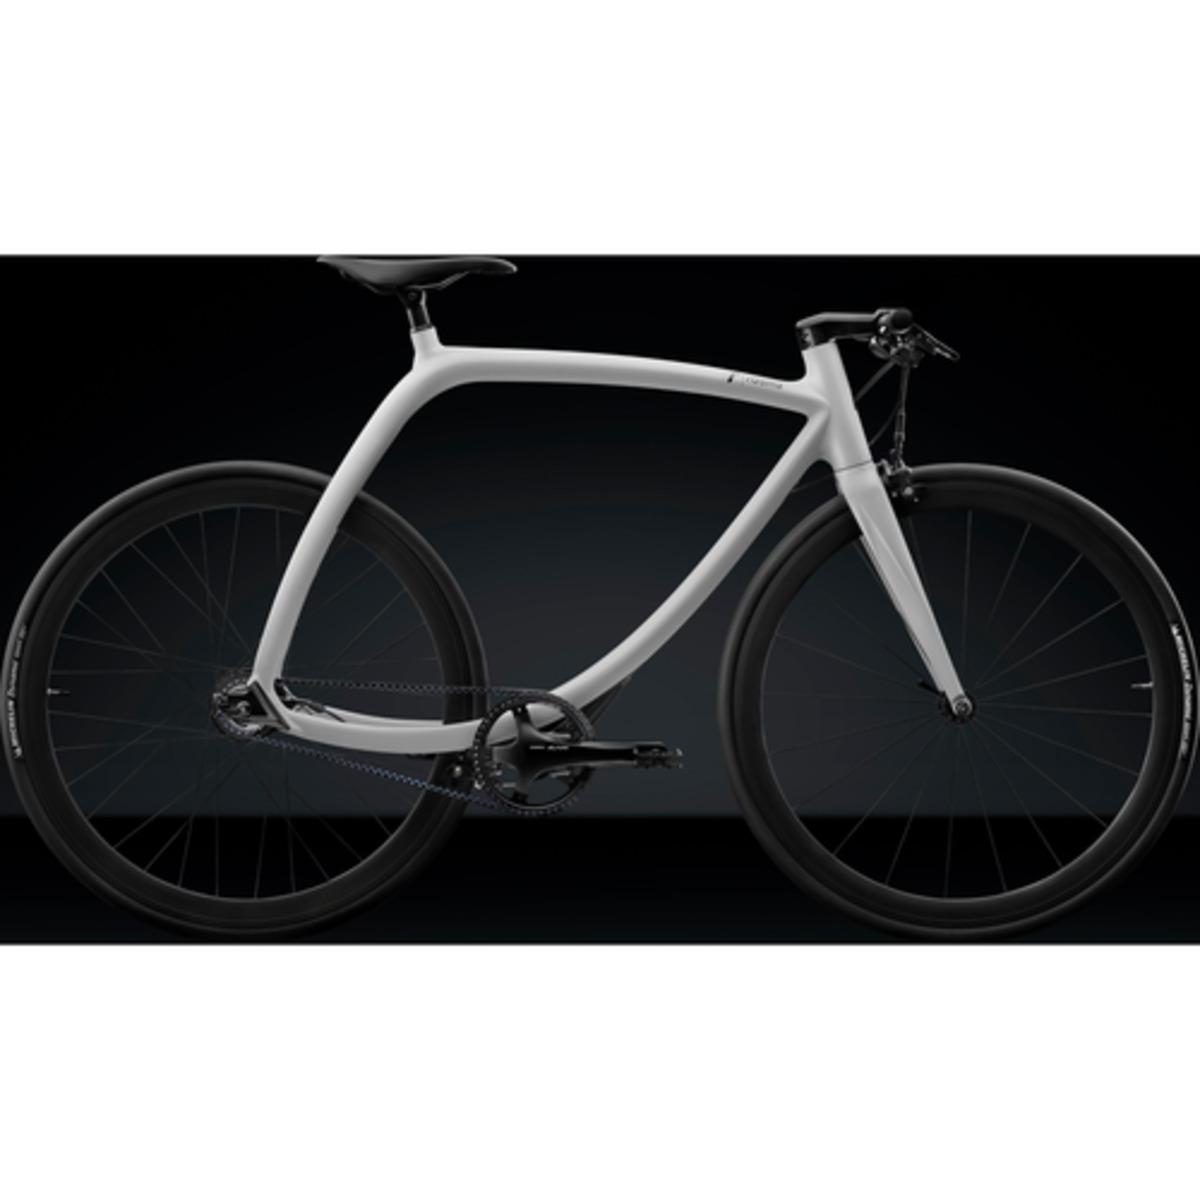 Bild 2 von Rizoma Metropolitan Bike RS77 weiß